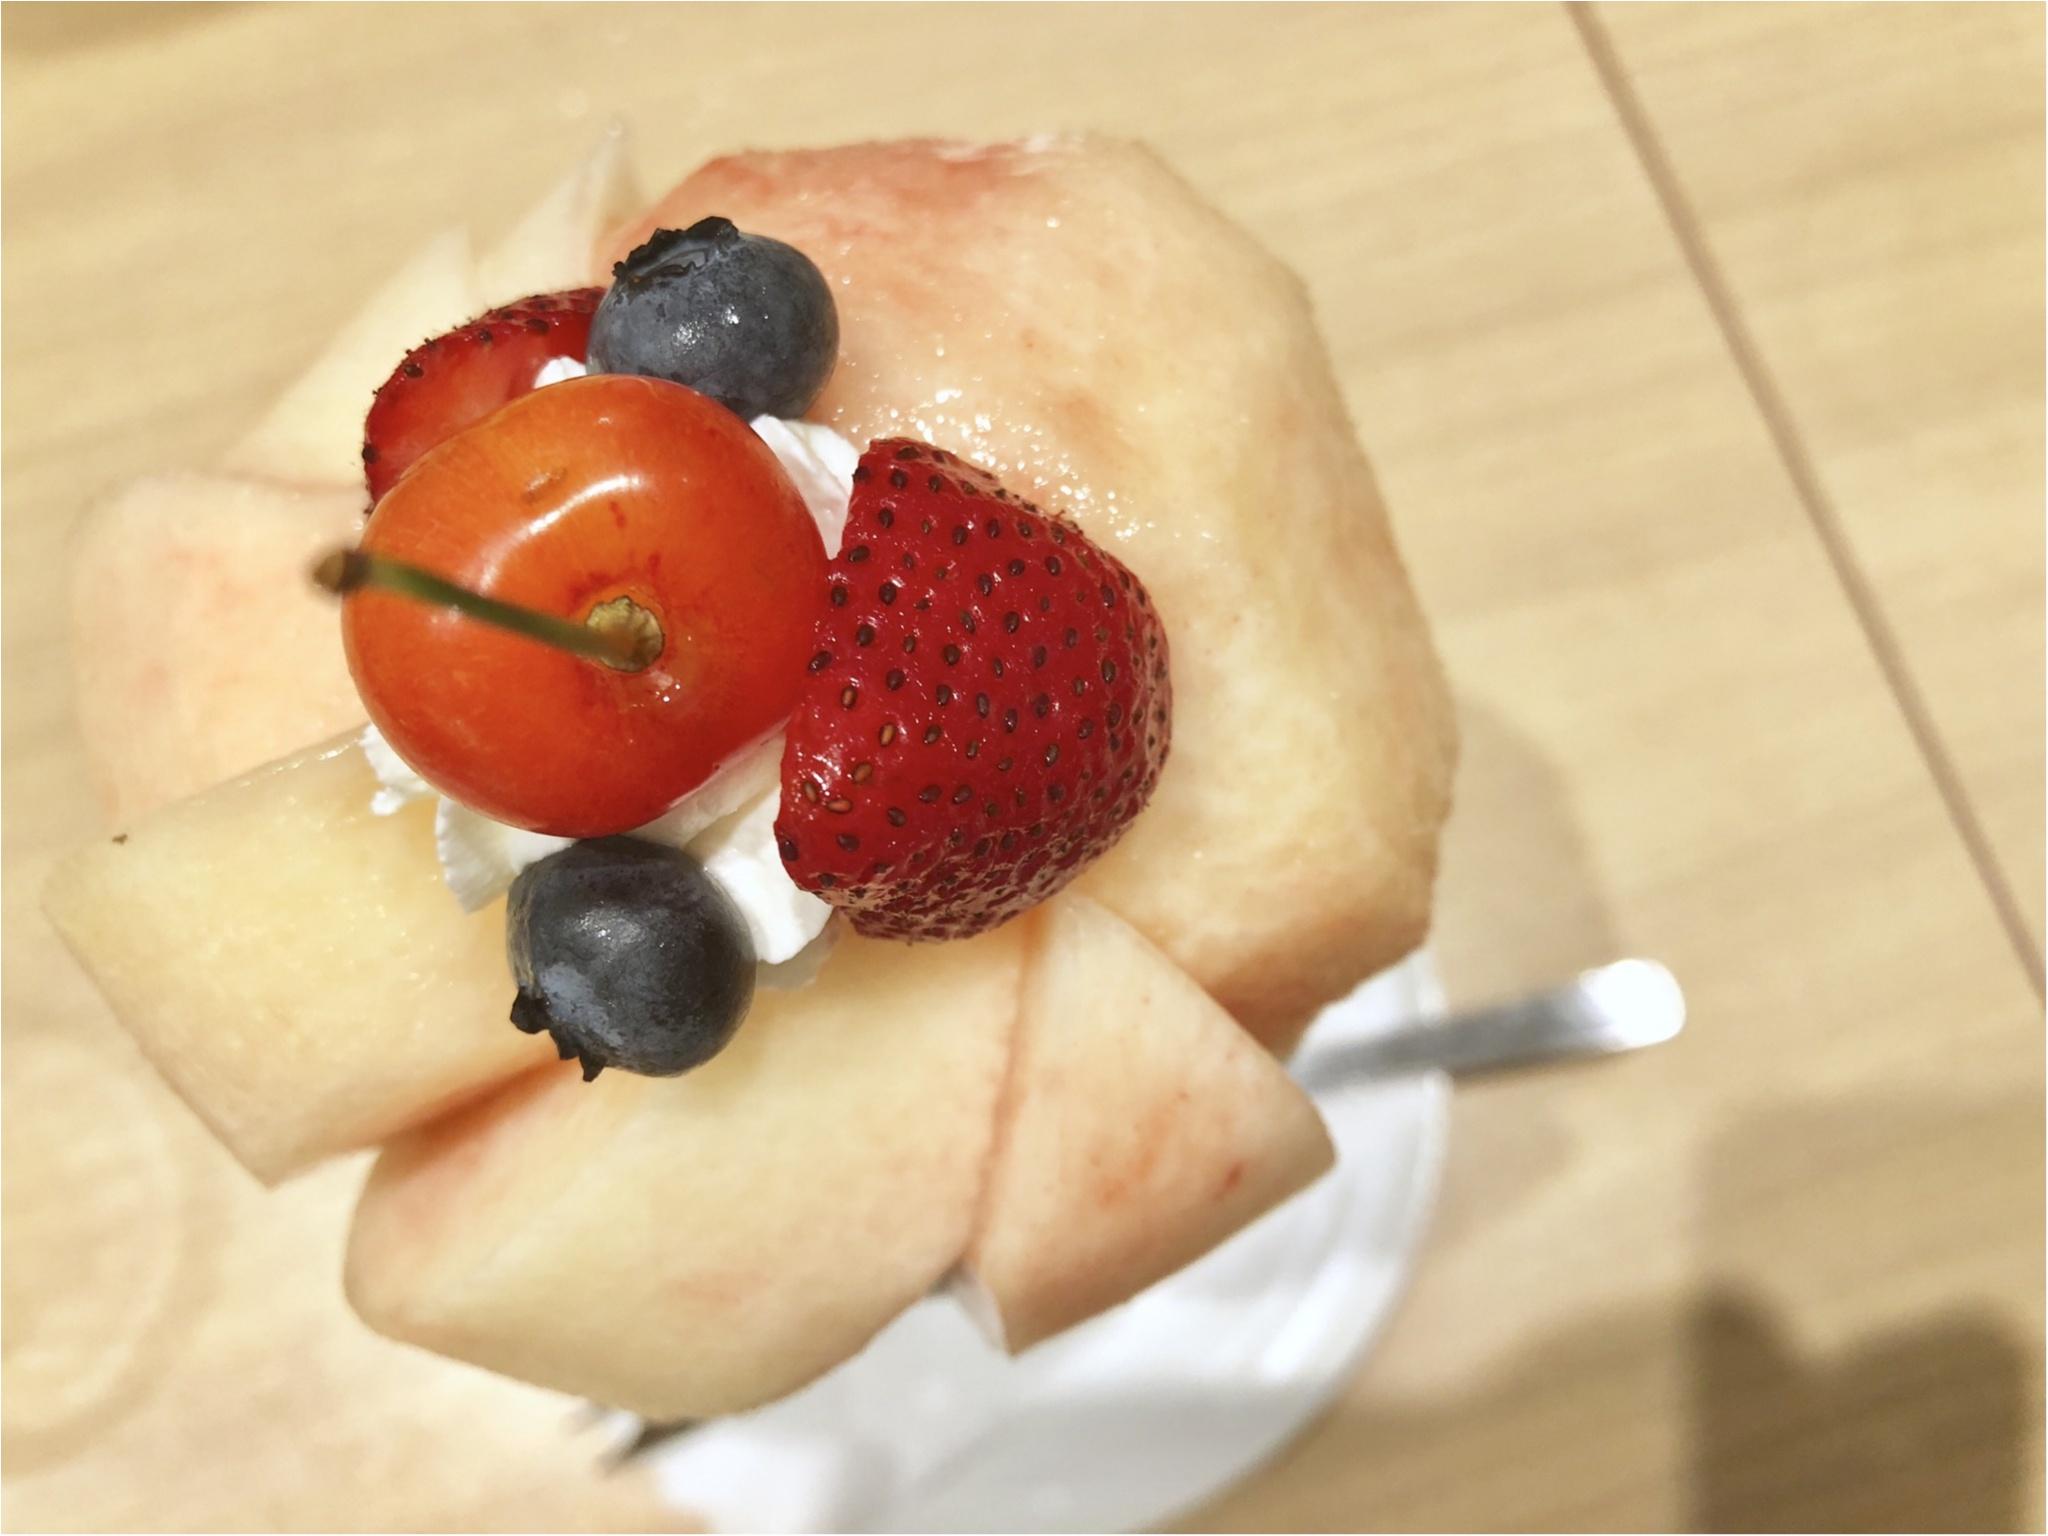 桃丸ごと2個分の幸せ❤️【果実園リーベル】今しか食べられない至福のパフェ!_2